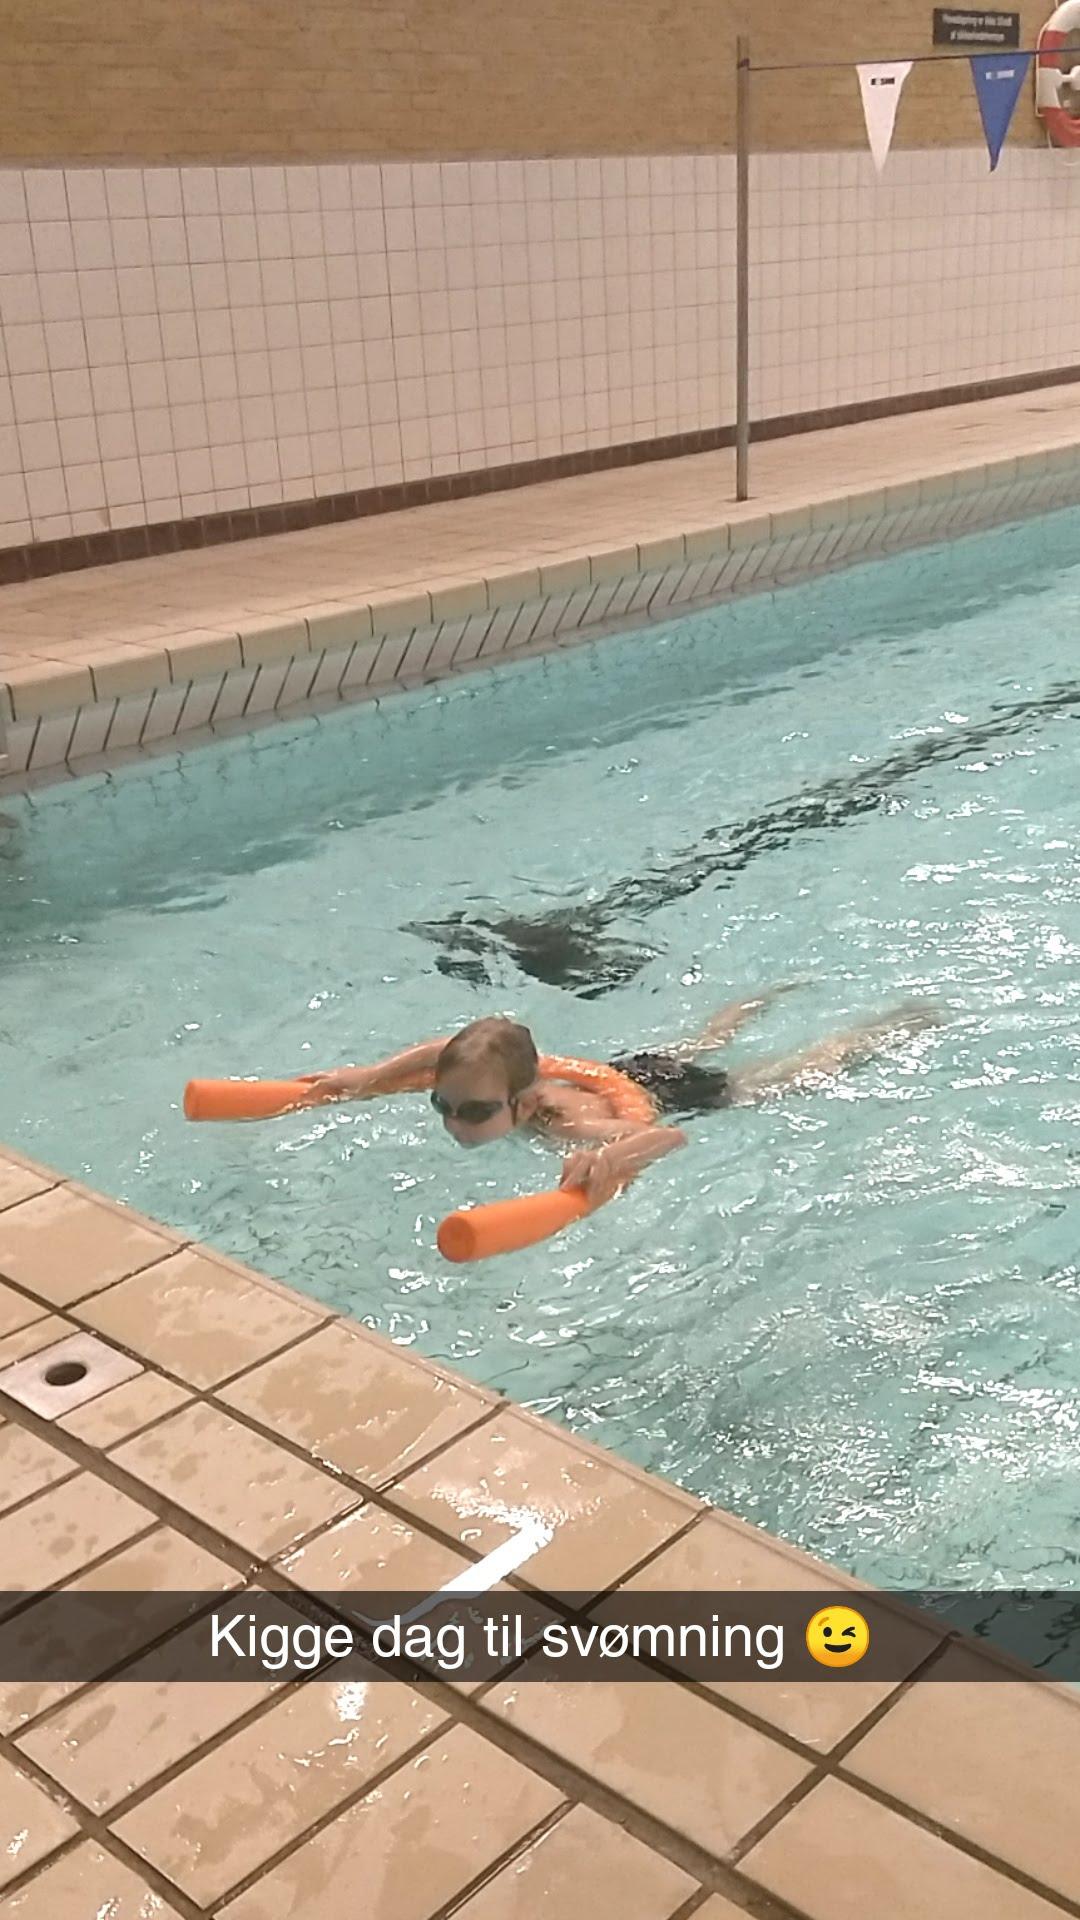 Casper til svømning på Egholmskolen